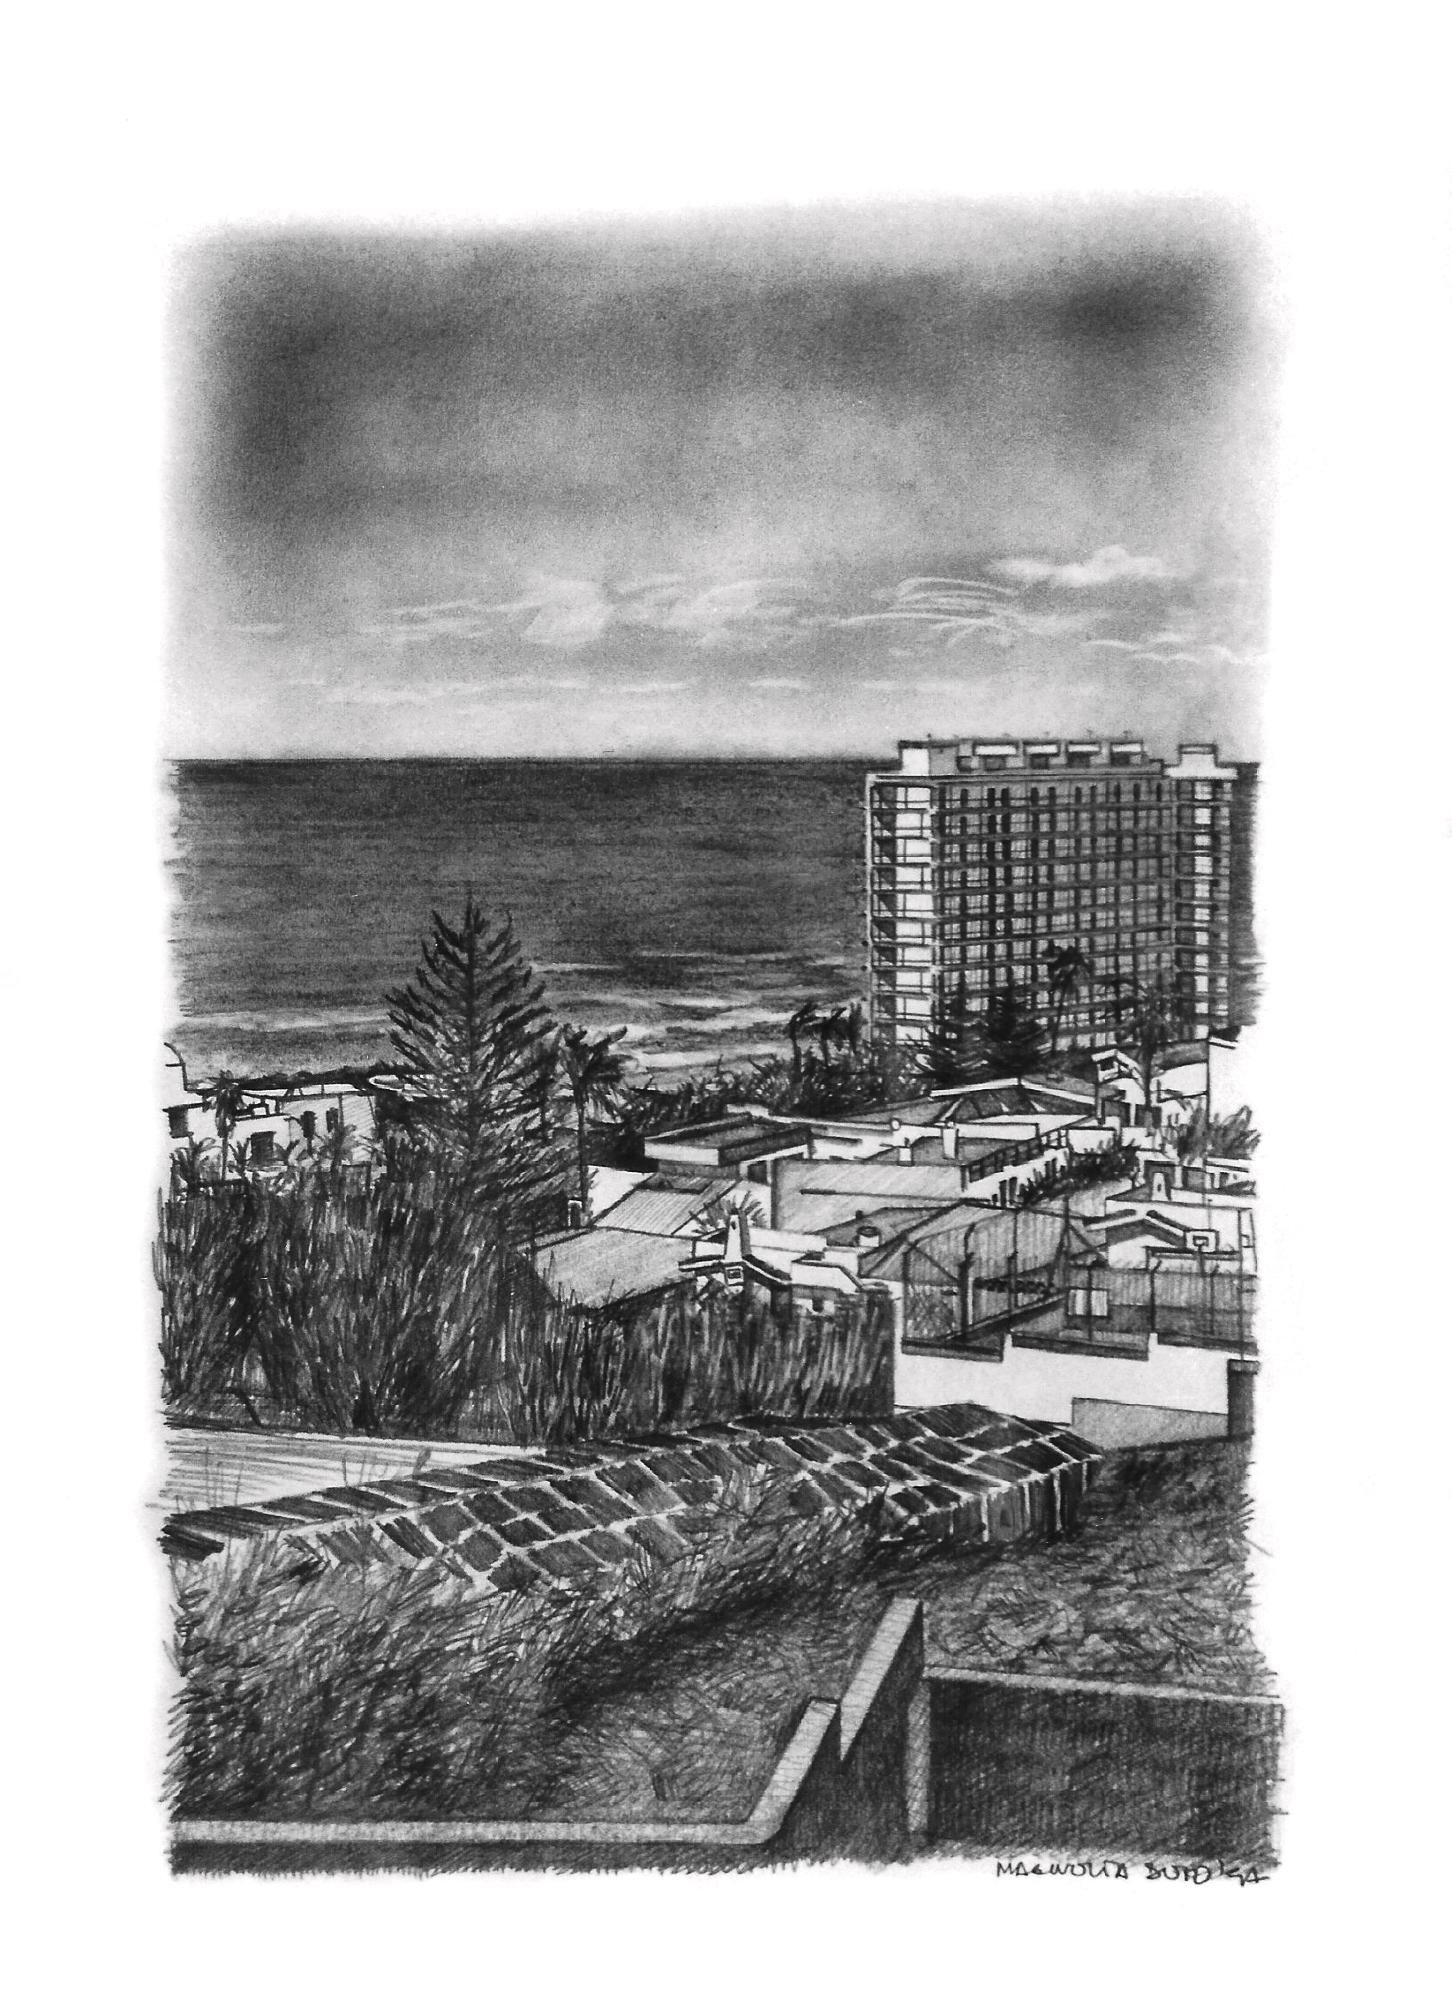 Magnolia Soto. Paisaje Canario 5. 1997. Grafito sobre papel. 37 x 27 cm.